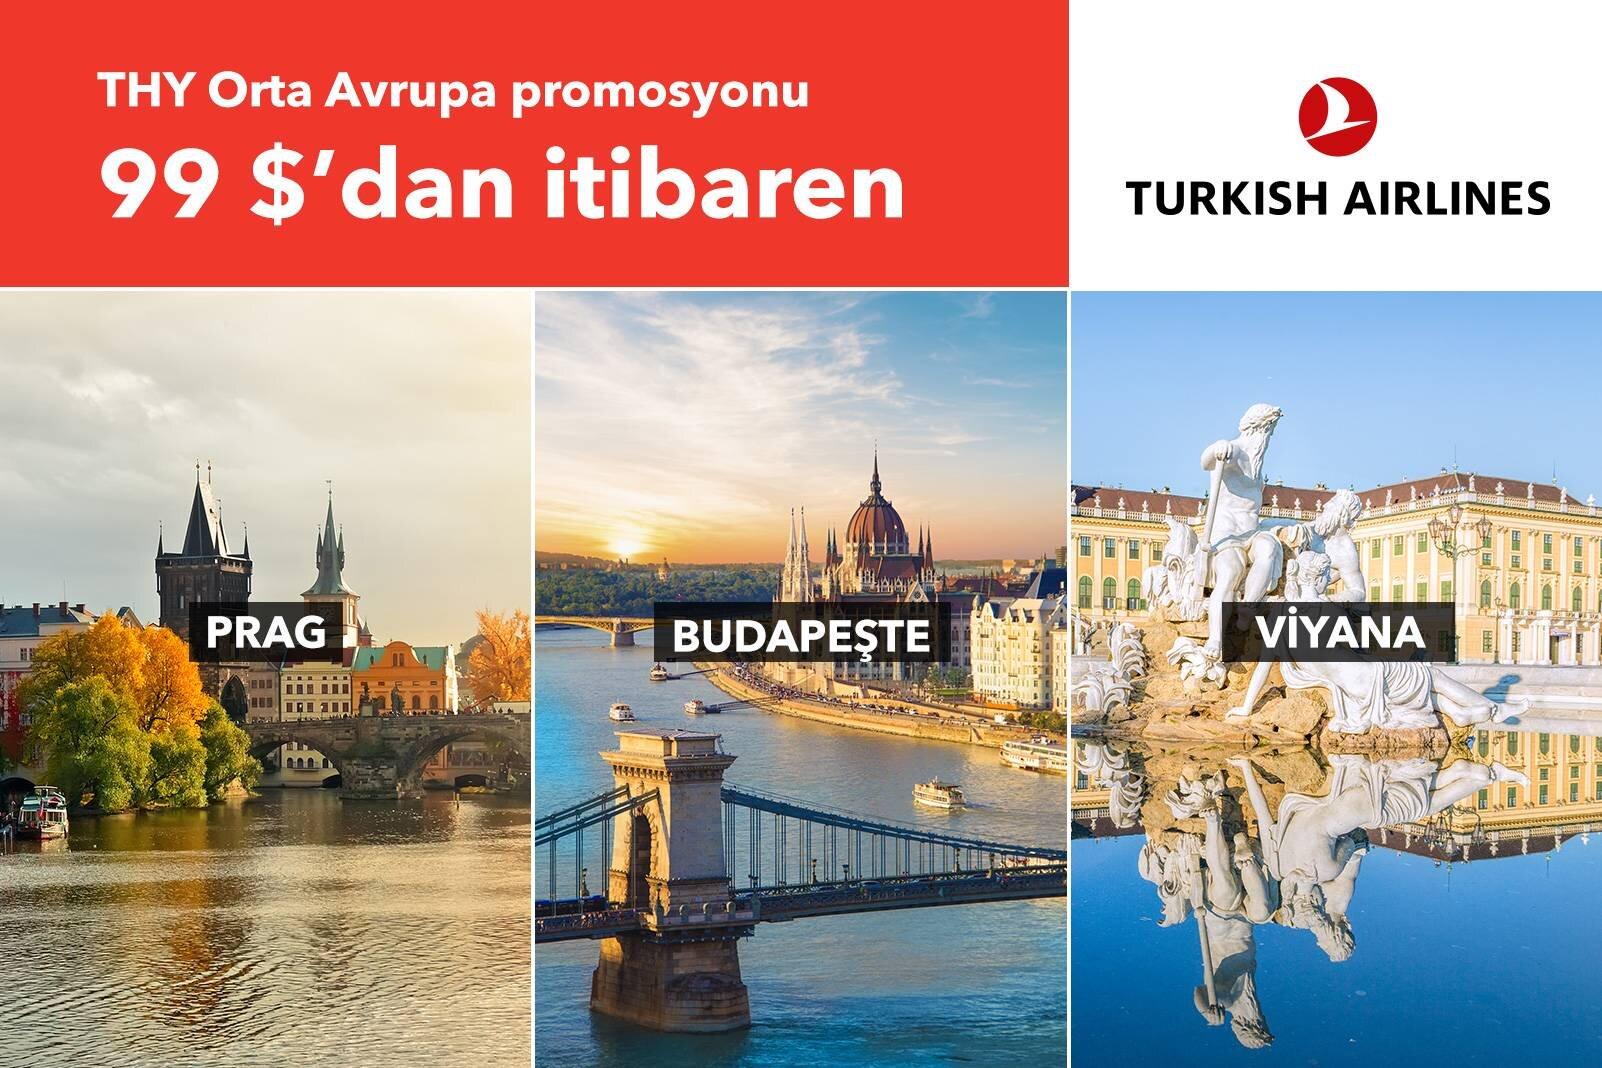 THY Orta Avrupa Promosyonu Gidiş - Dönüş 99 USD'dan Başlayan Fiyatlarla!